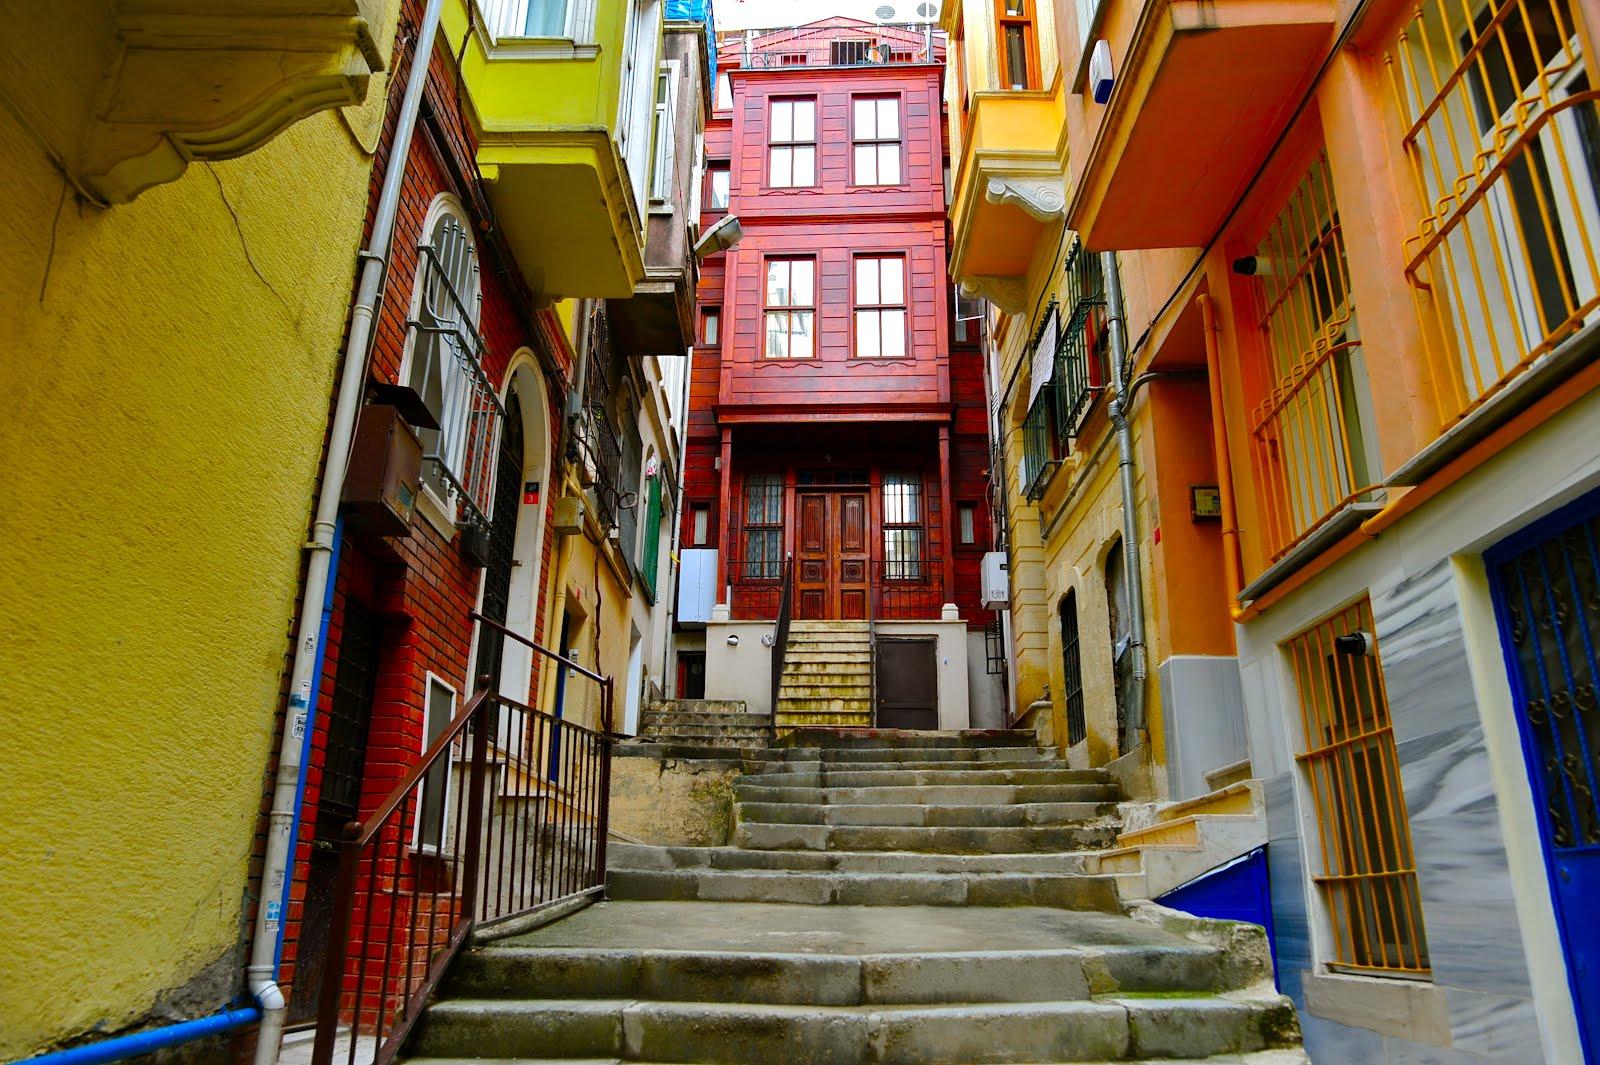 Lavorare In Australia Come Architetto lavoro a istanbul: architetti italiani a istanbul